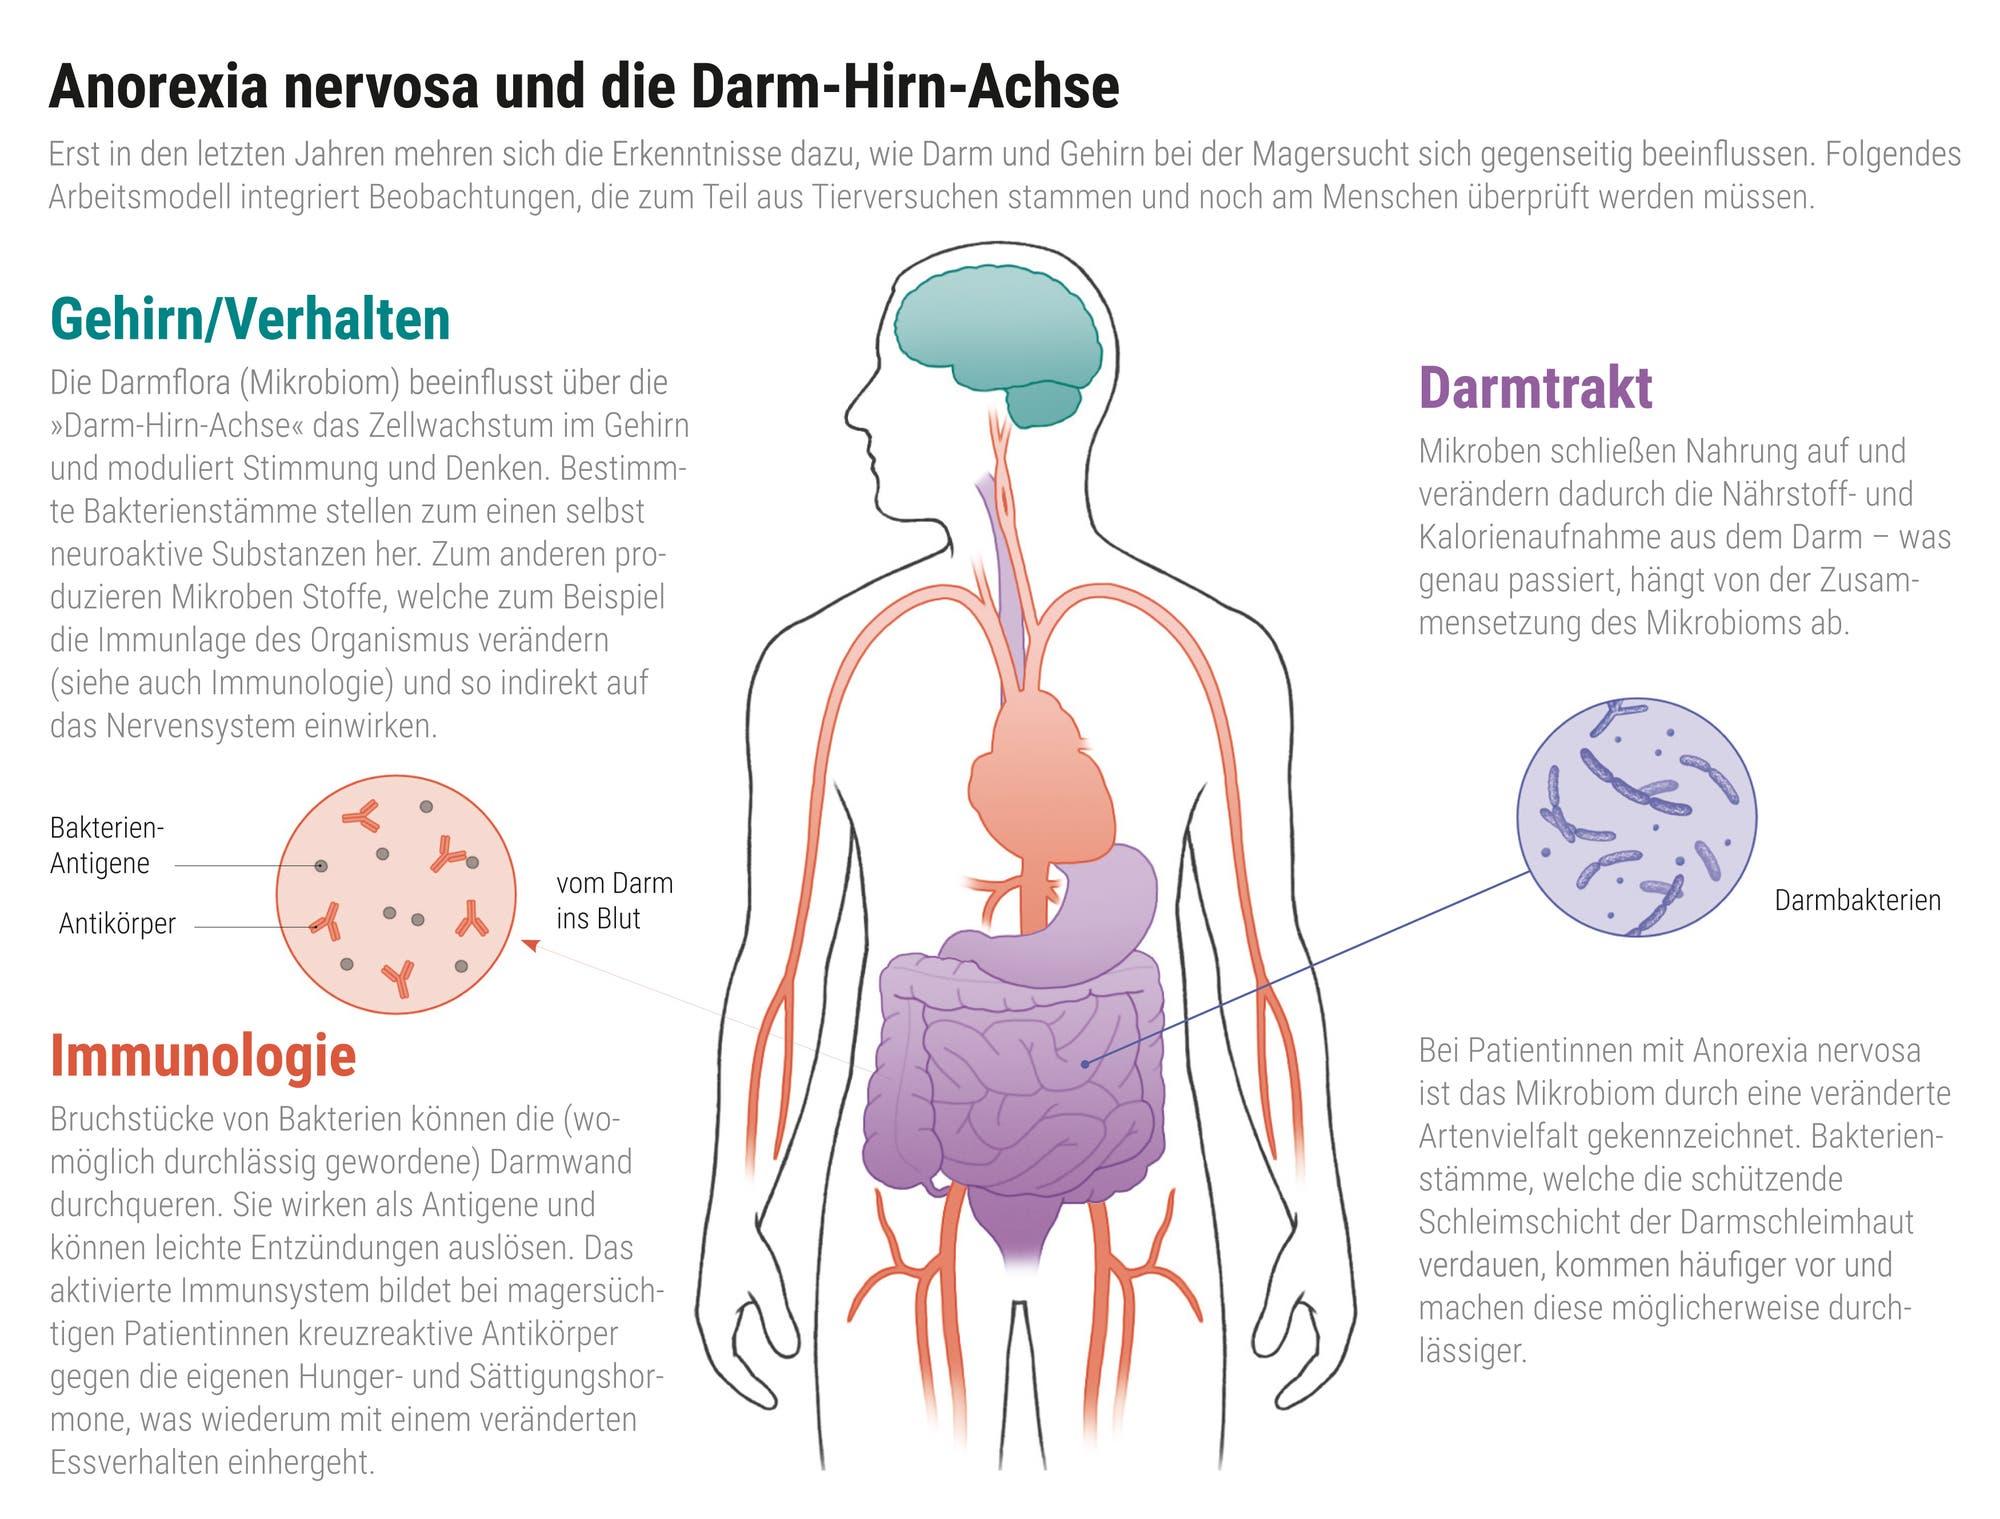 Anorexia nervosa und die Darm-Hirn-Achse